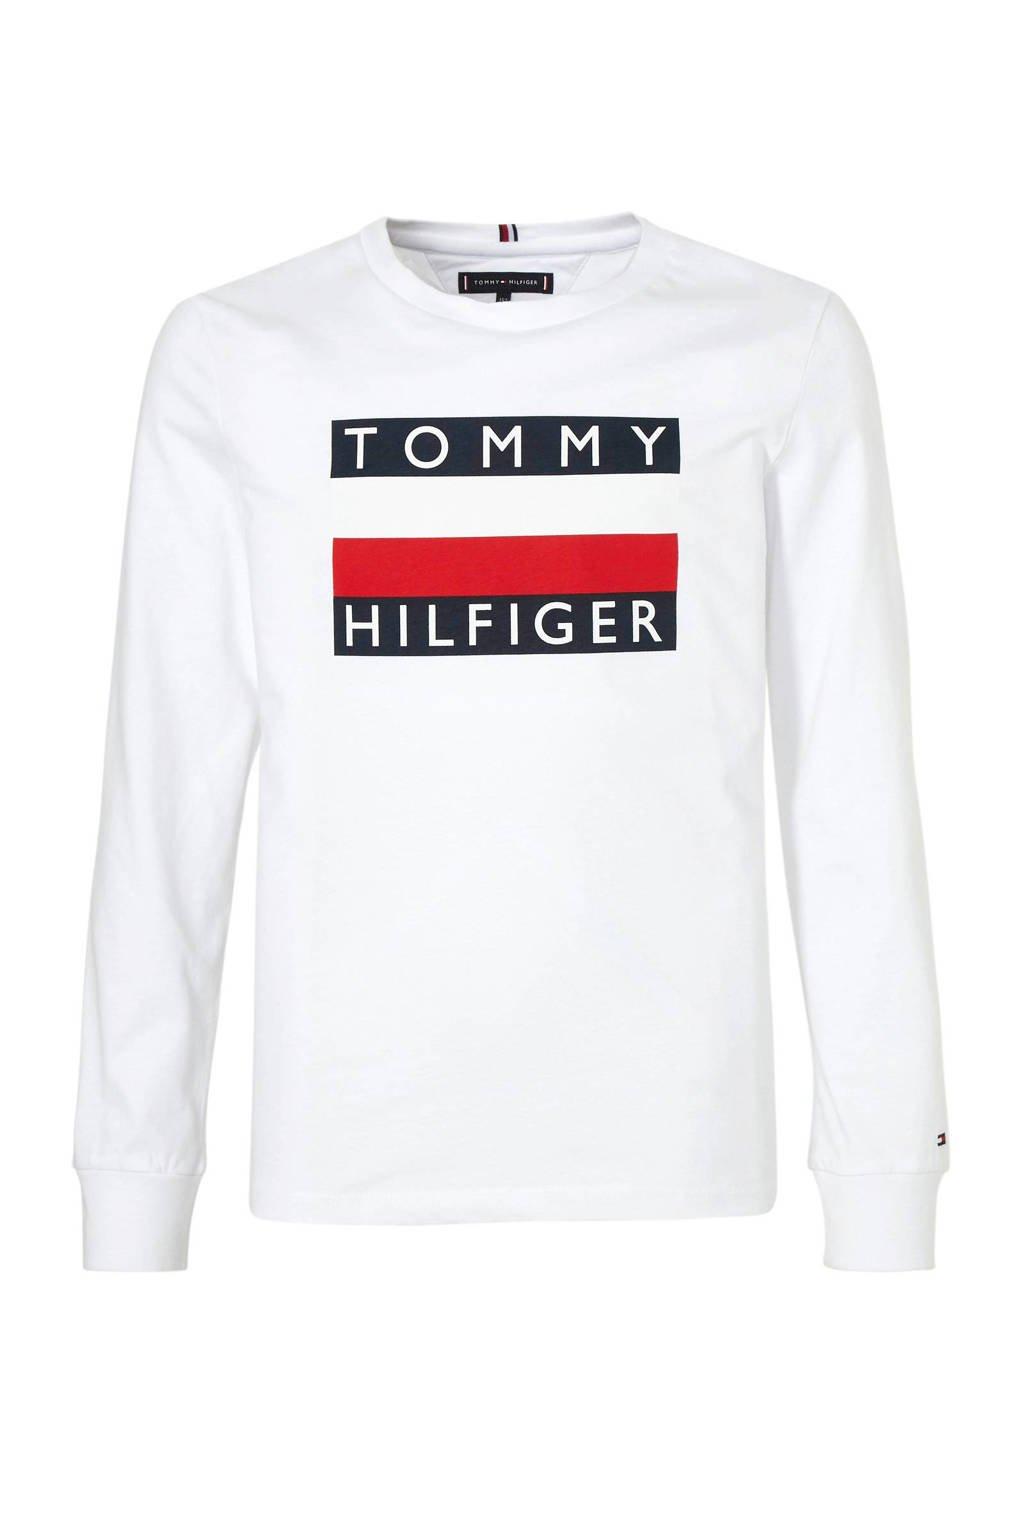 Tommy Hilfiger longsleeve met logo wit, Wit